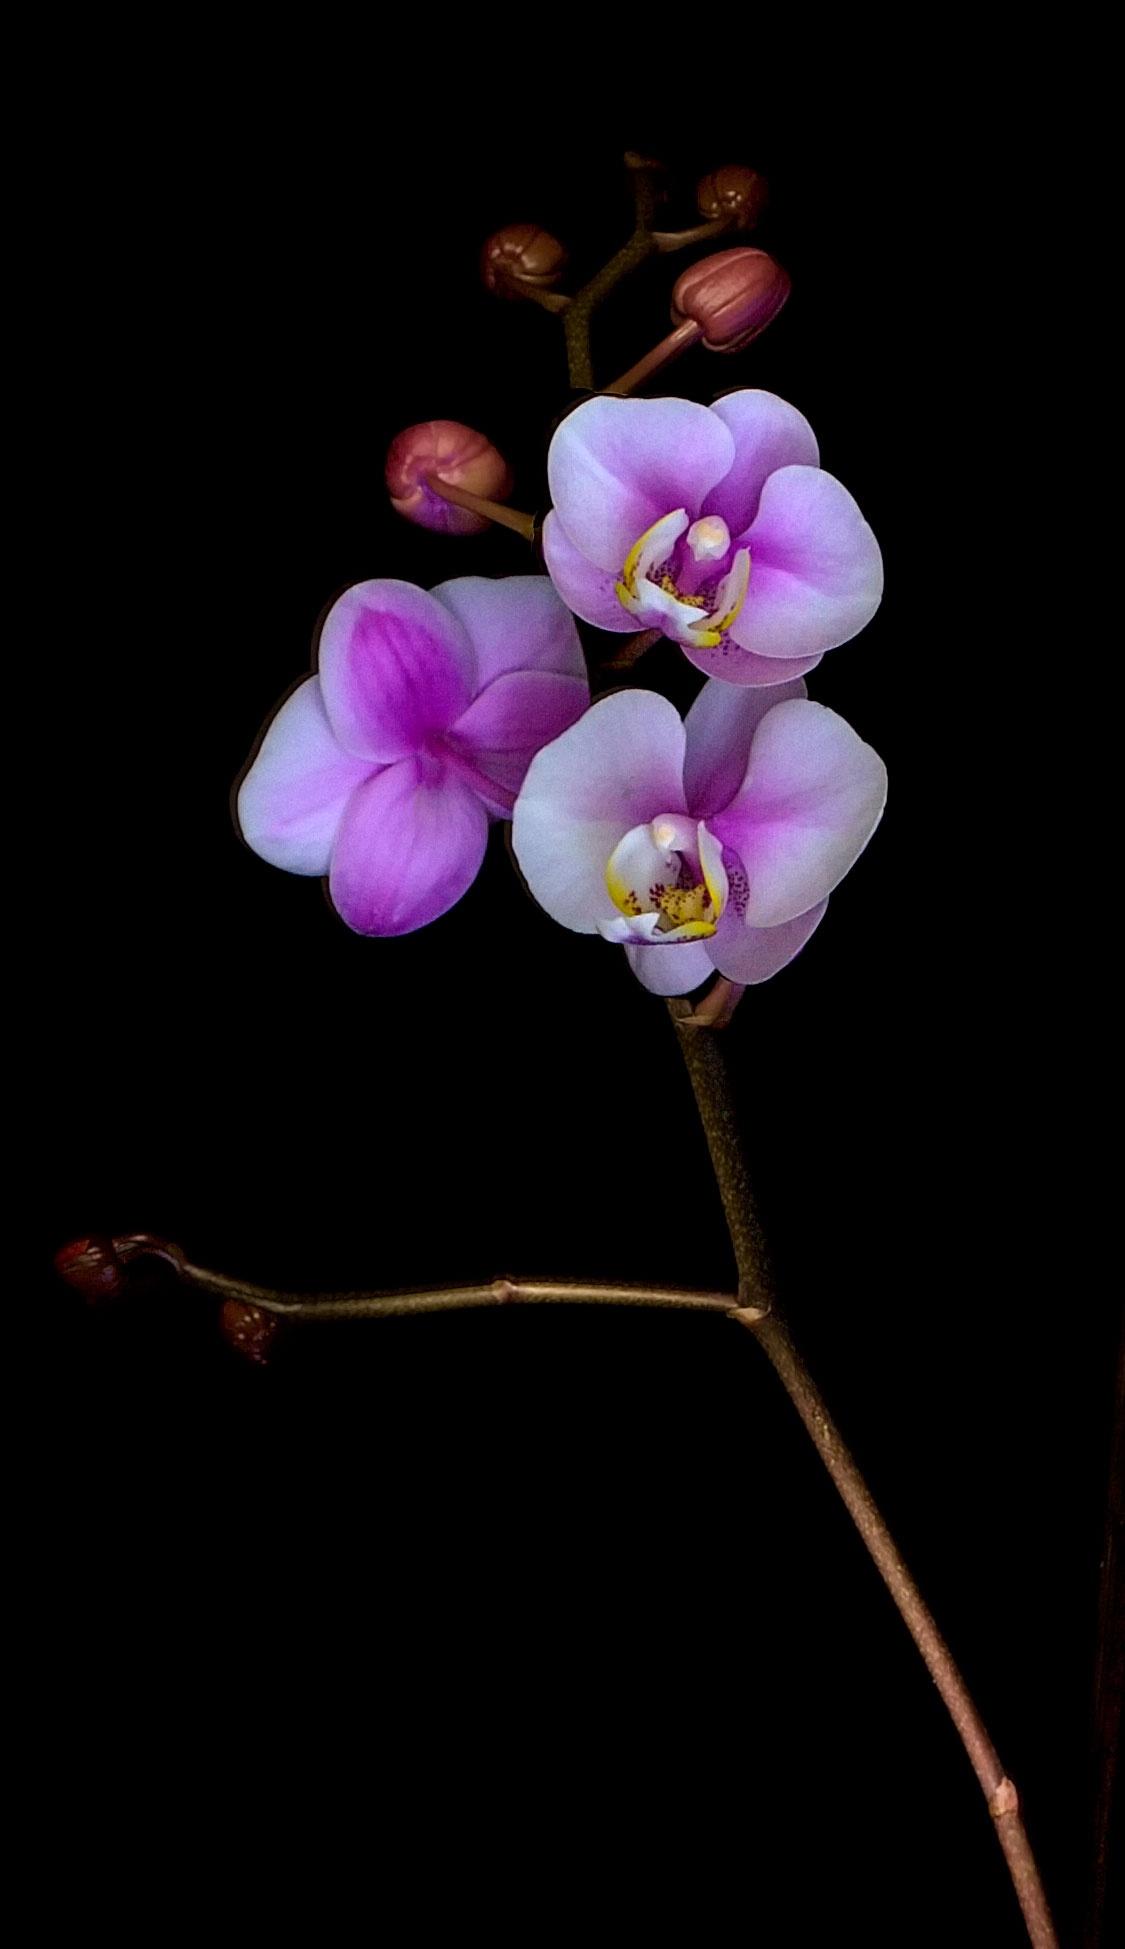 Orchid by von.hatch